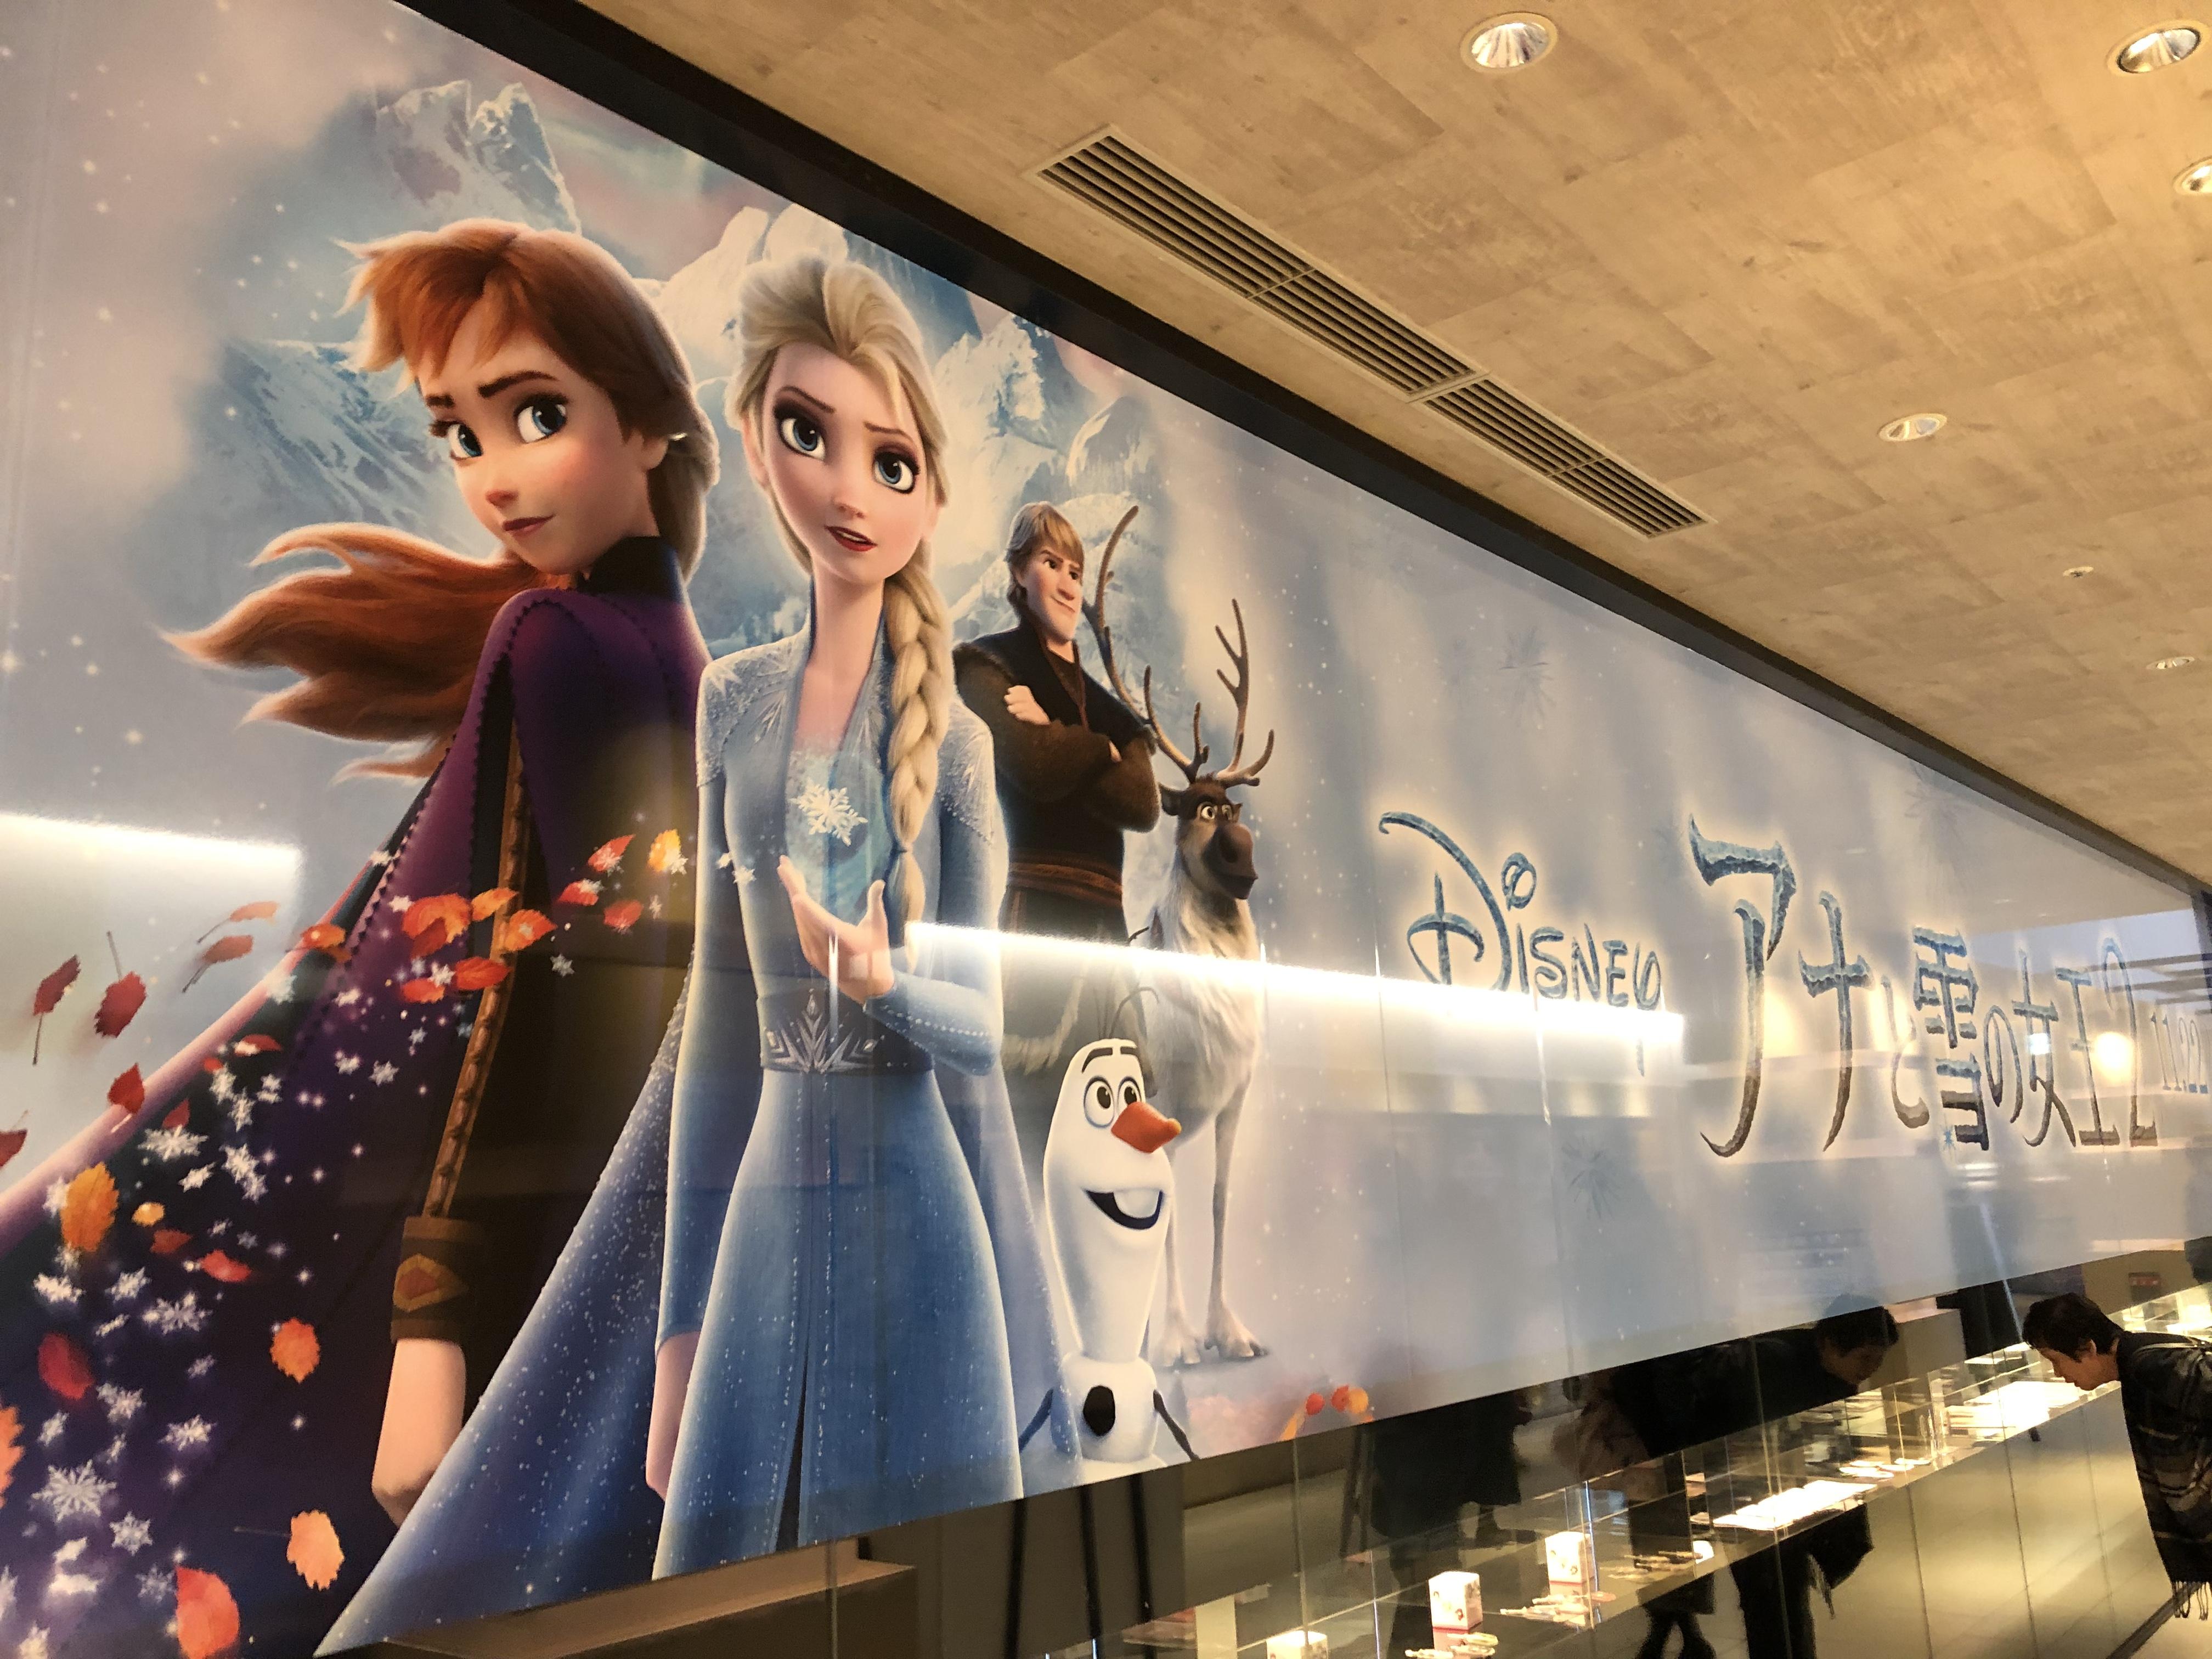 【本日公開!アナと雪の女王2】内容は?4DXで観る価値はある?